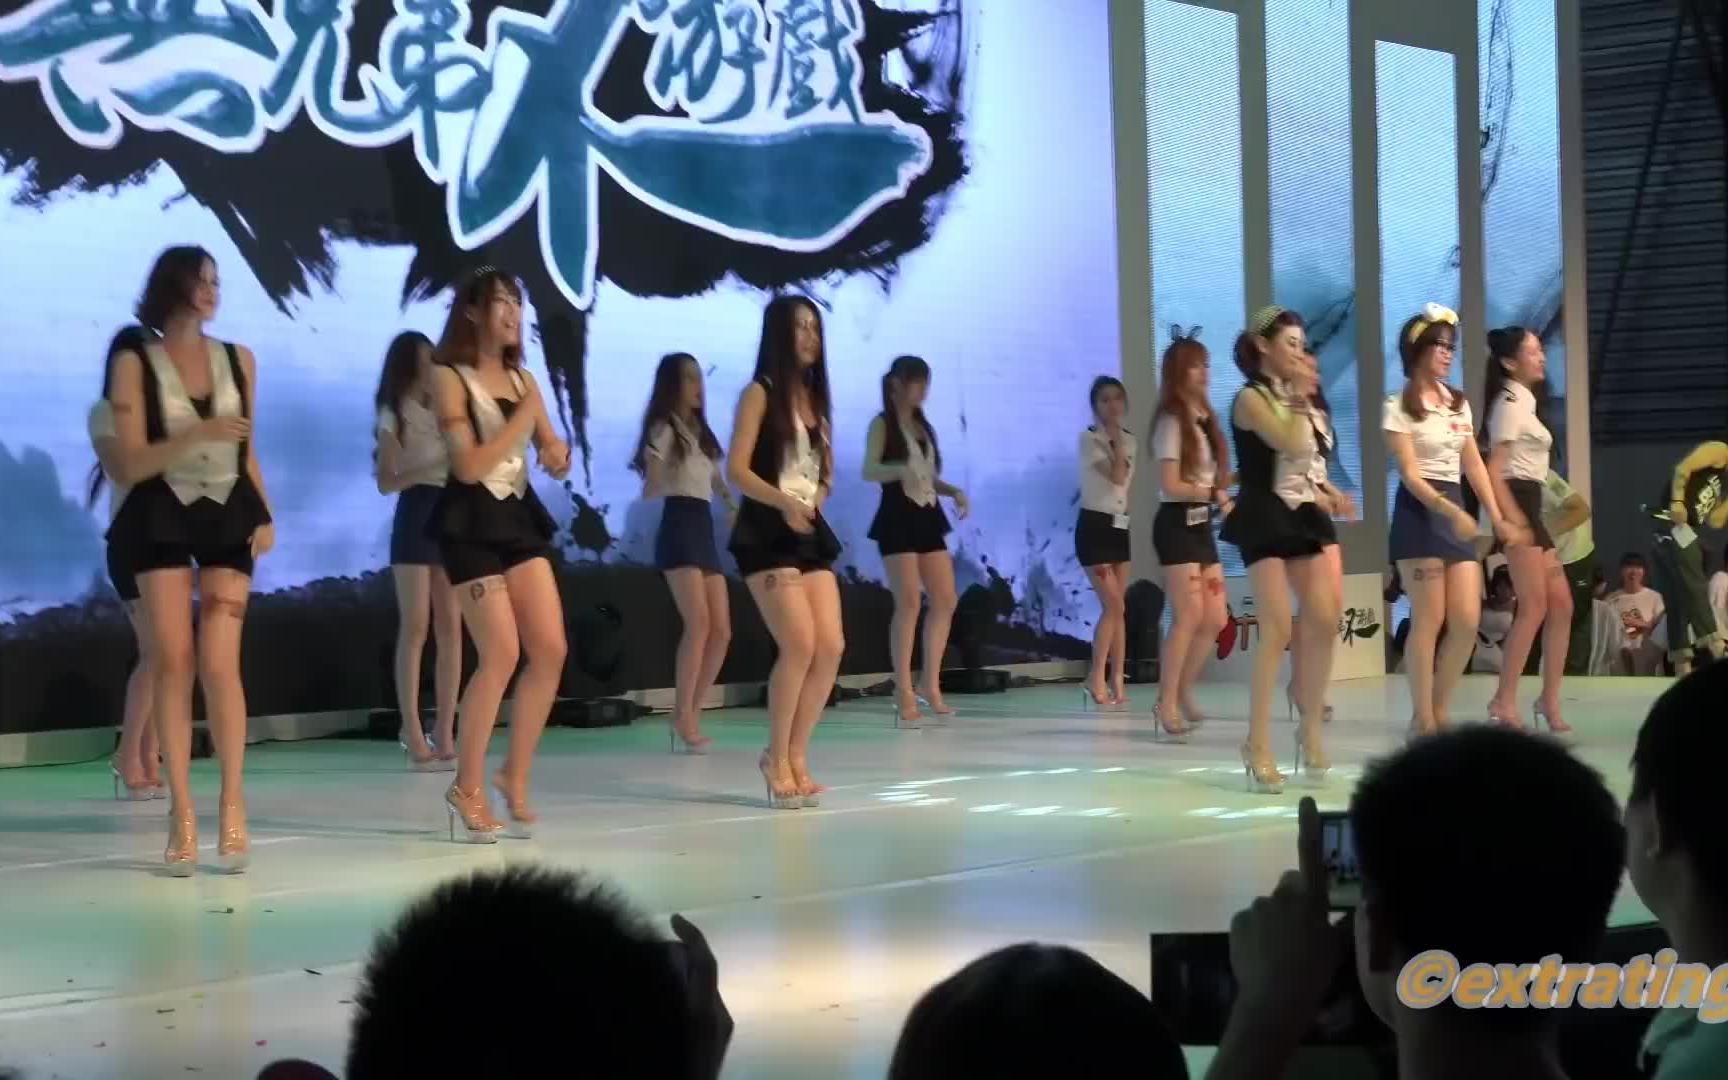 1.【韩女团】华沙性感时刻第1部分 2.美腿美女舞蹈